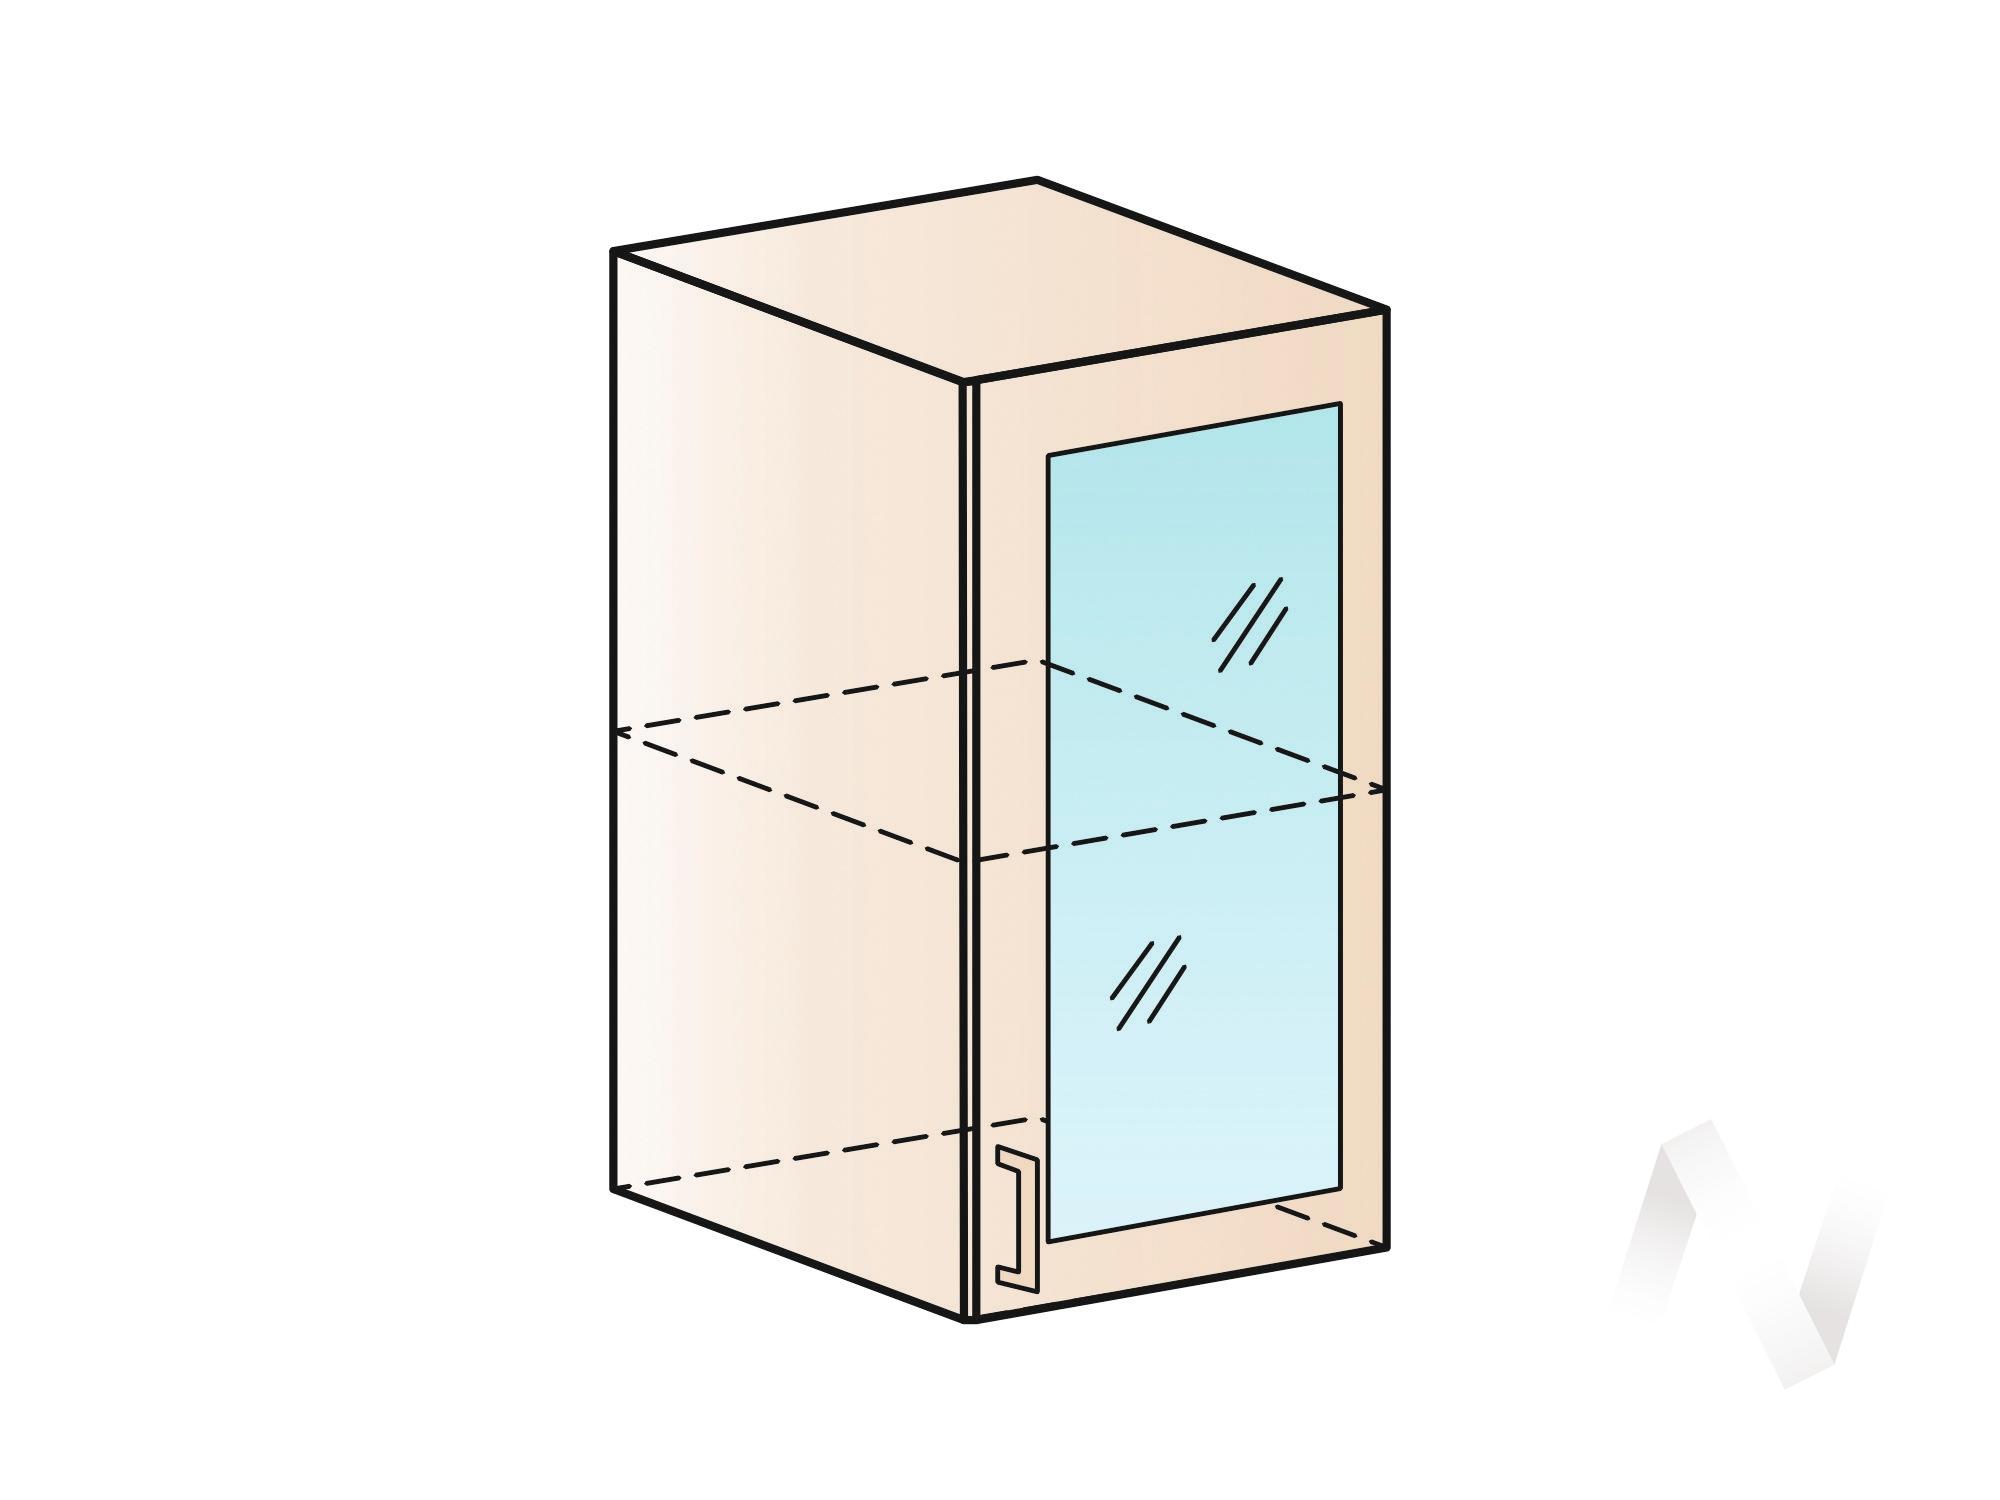 """Кухня """"Люкс"""": Шкаф верхний со стеклом 400, ШВС 400 (Шелк жемчуг/корпус венге) в Томске — авторская мебель Экостиль"""